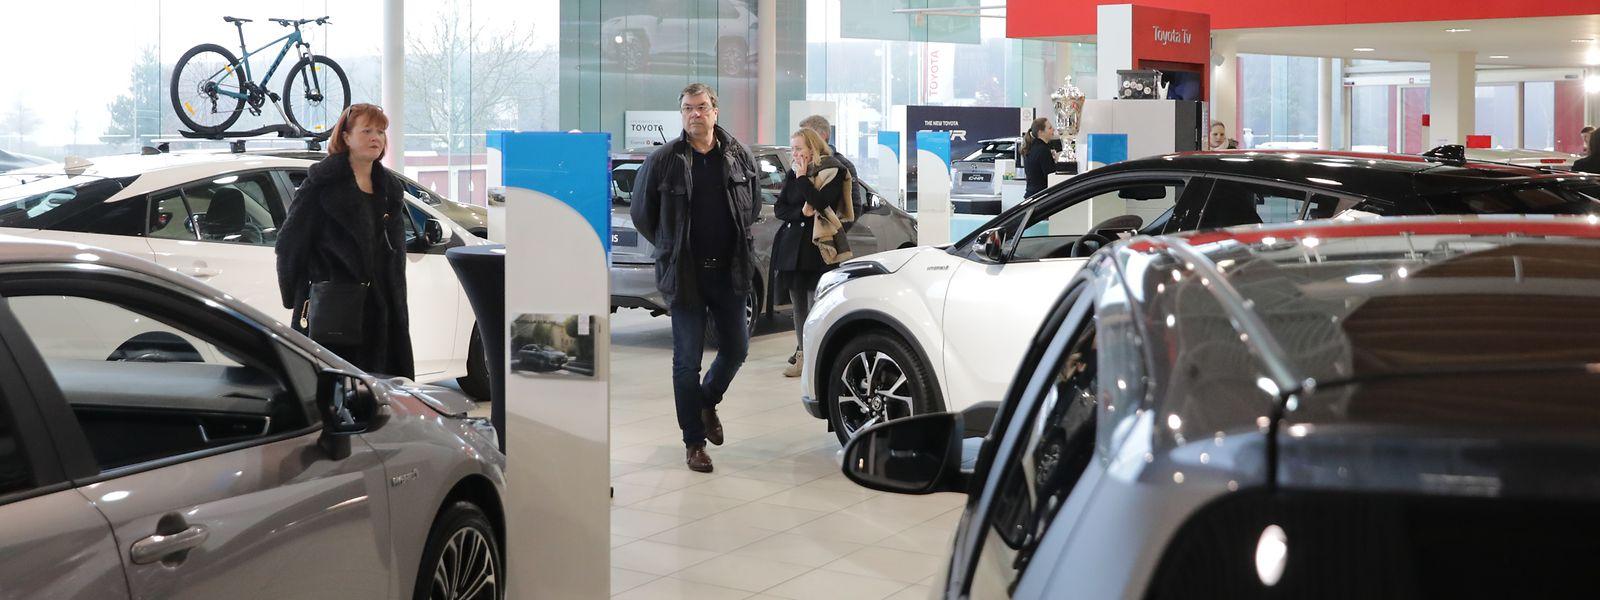 80 concessionnaires automobiles ont participé à l'Autofestival 2020.